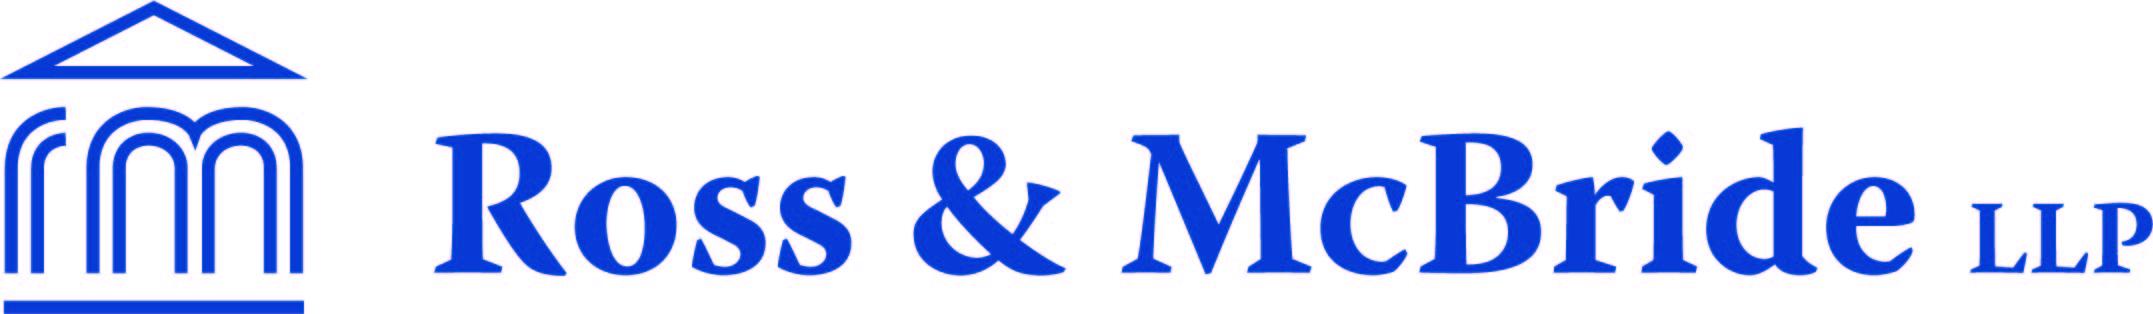 EPS version horizontal logo - Ross McBride.jpg